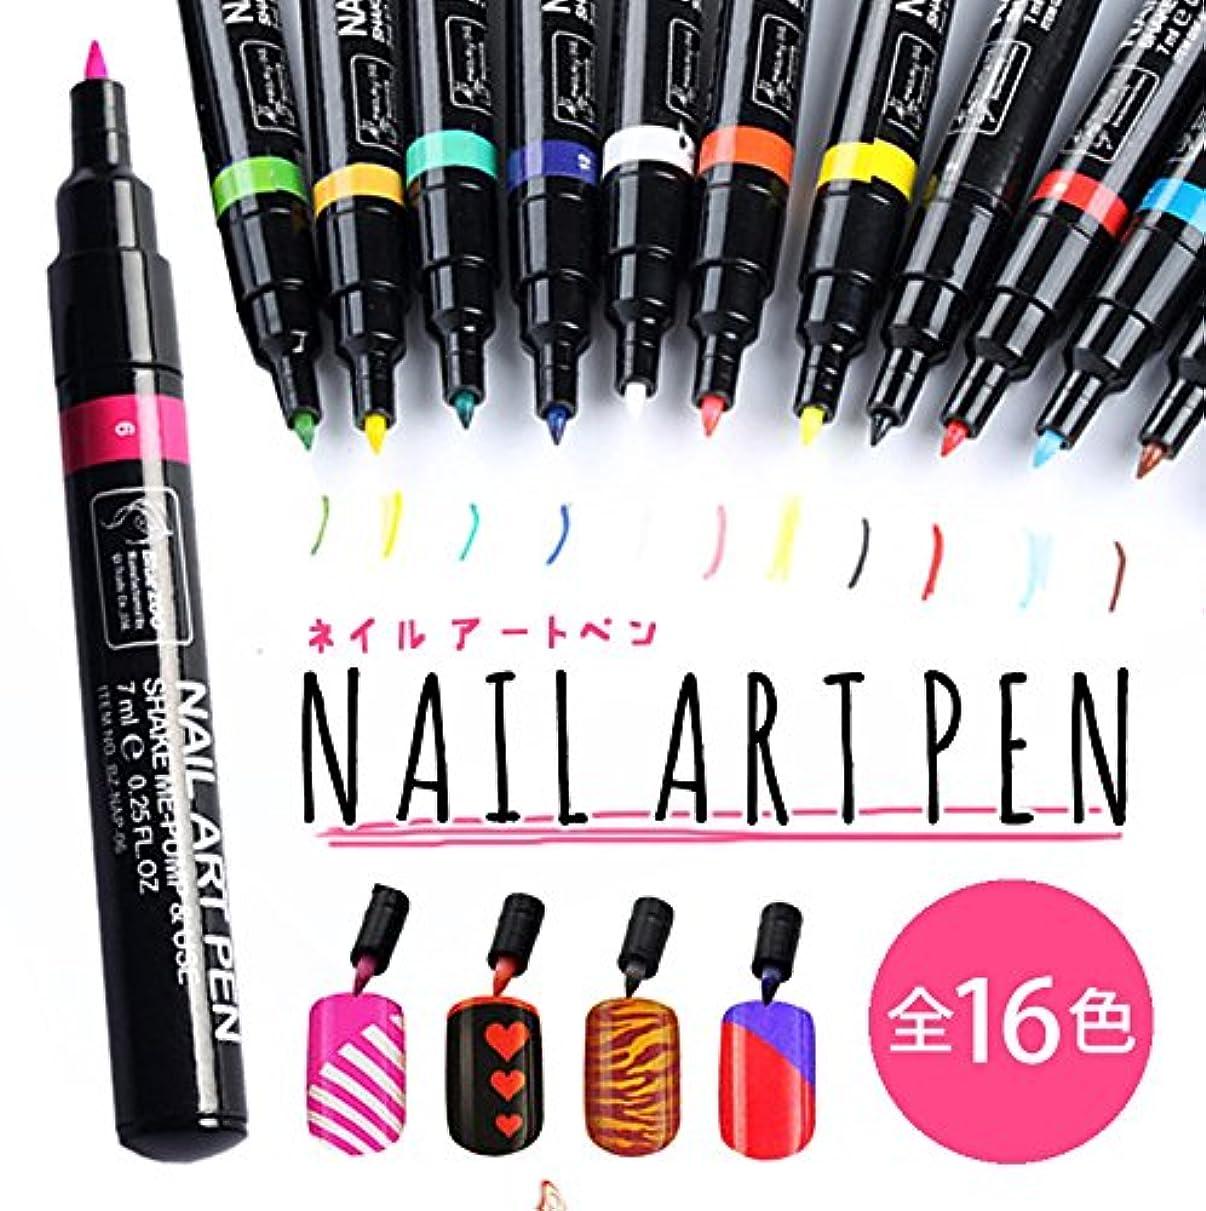 キャプテンアクロバット森林ノーブランド品 ペンタイプ ネイルアートペン セルフネイル フレンチ マニキュア ペン 3Dネイル ペイント メイク 美容用品 用品 TEC-NAILPEND 16.レッド